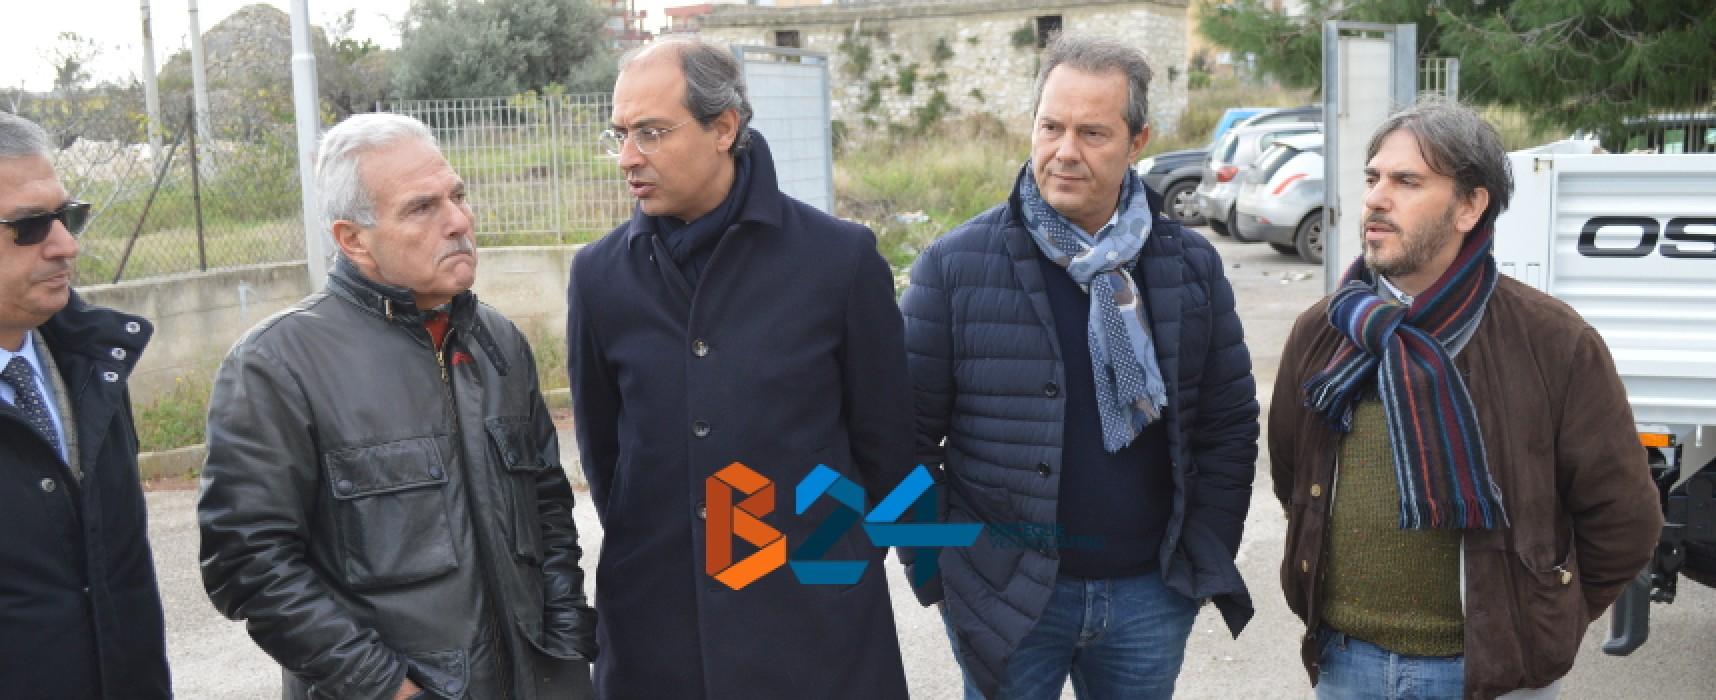 """Scuola """"Cosmai"""", Provincia stanzia 650mila euro per manutenzione, Spina e Giorgino danno il via ai lavori"""